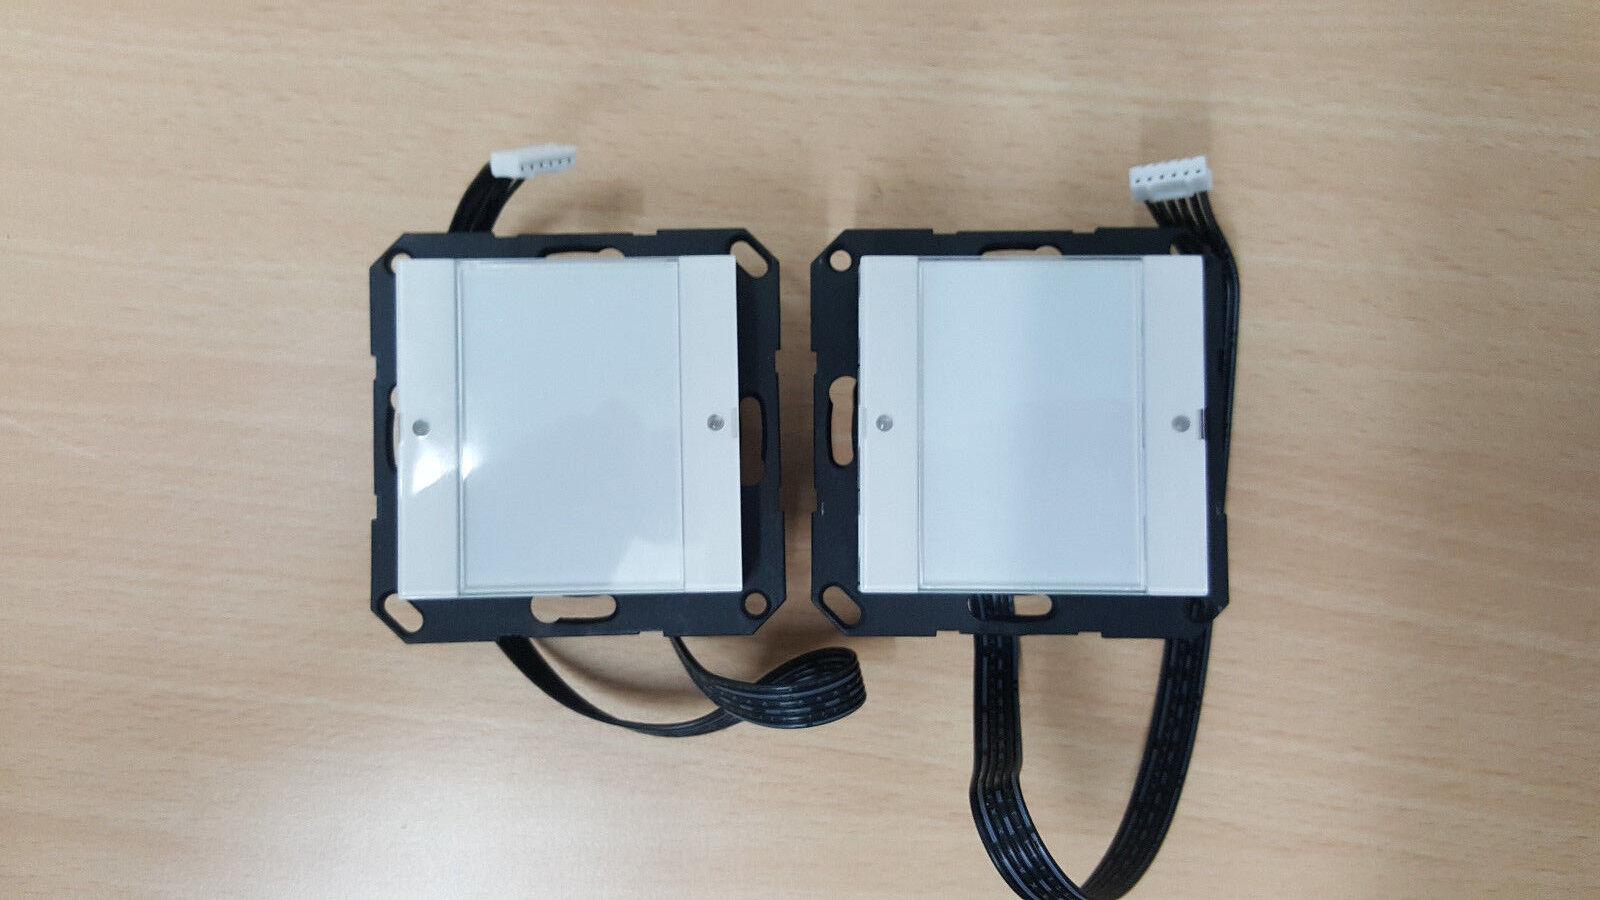 GIRA Ruftasteneinsatz 424003 und Ruftaster 424022 System 55   Ausgezeichnete Qualität